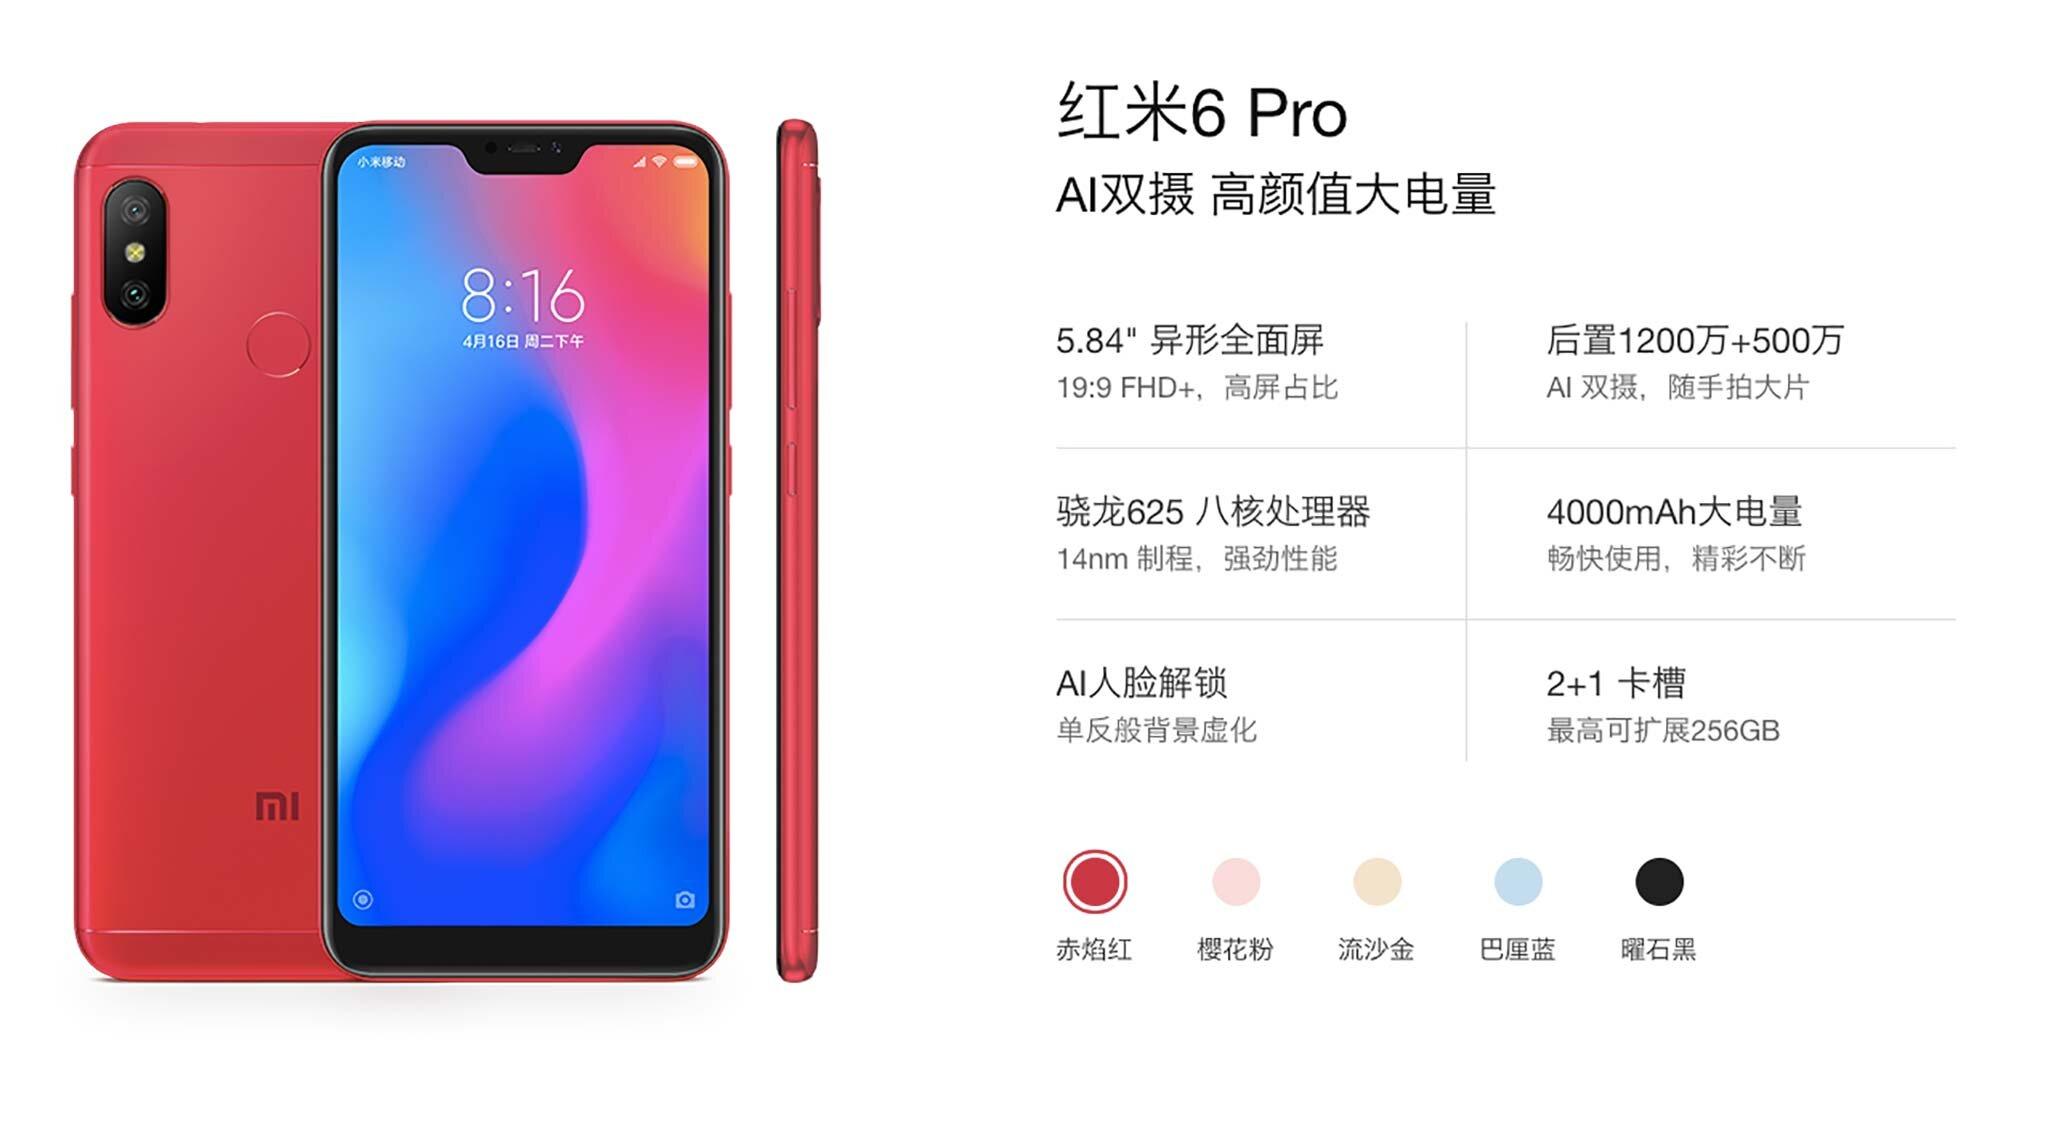 Xiaomi Redmi 6 là chiếc Smartphone đáng mua trong tầm giá 3 triệu